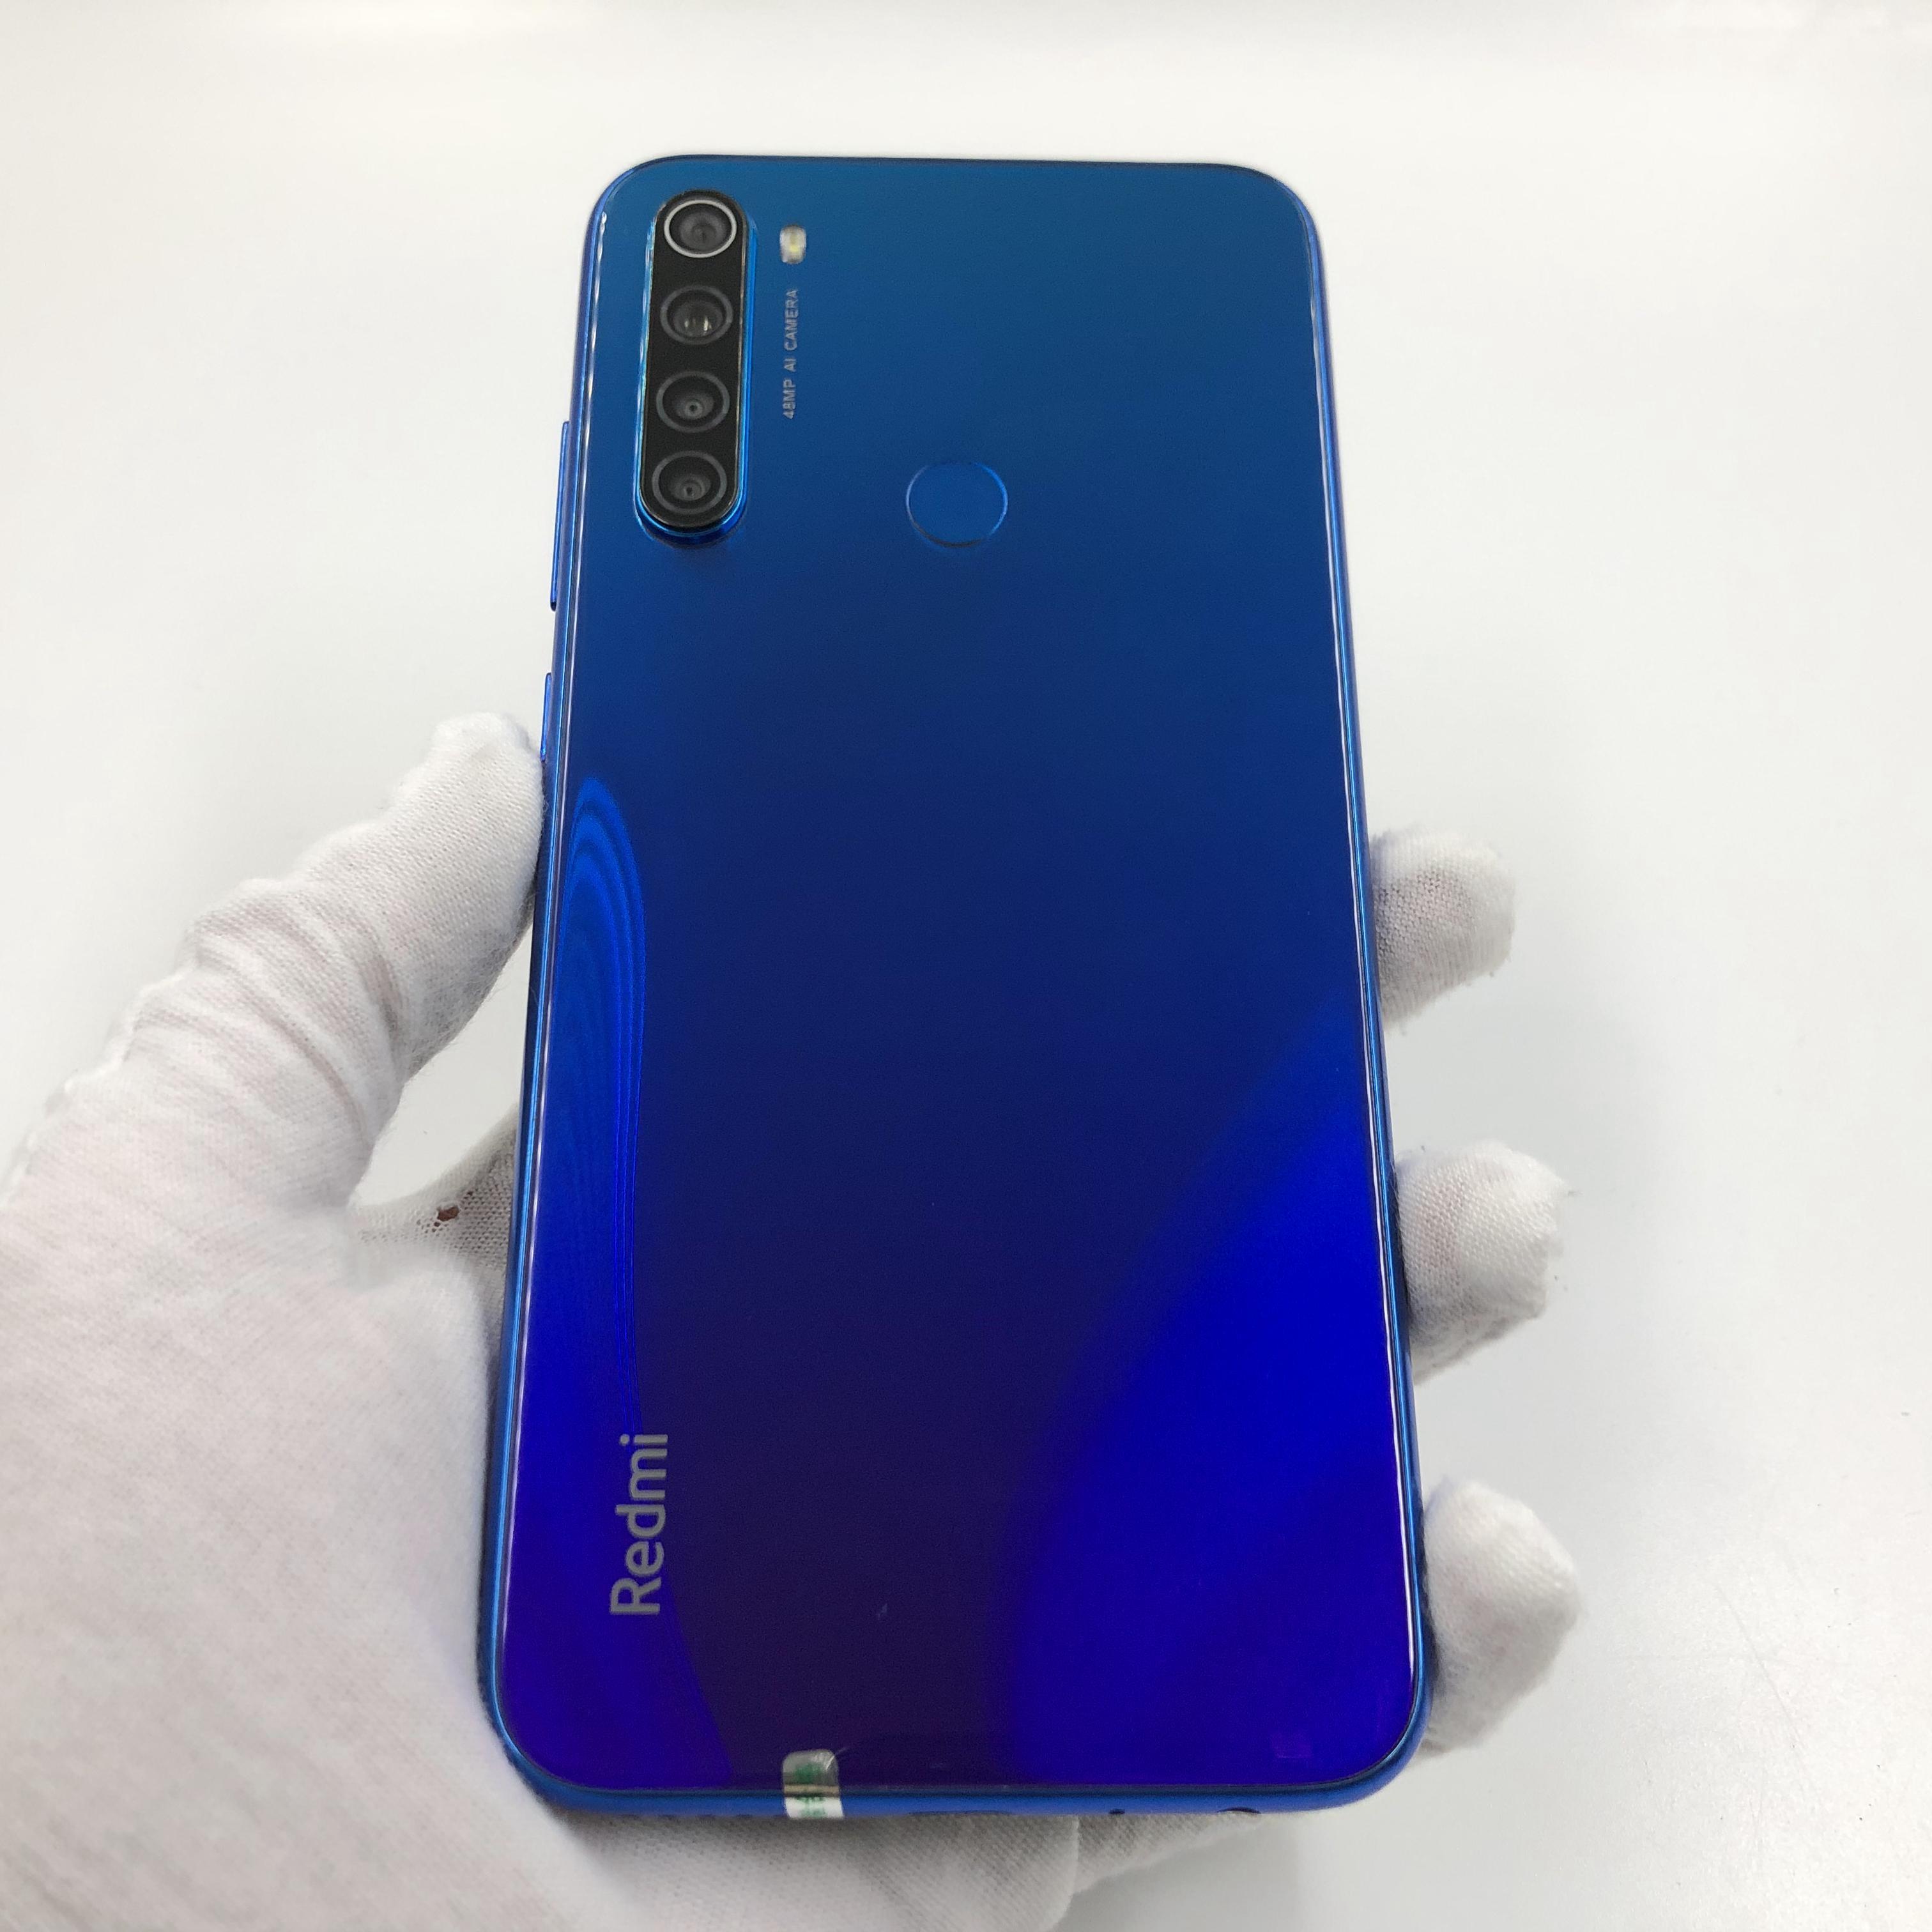 小米【Redmi Note 8】4G全网通 蓝色 6G/128G 国行 8成新 真机实拍